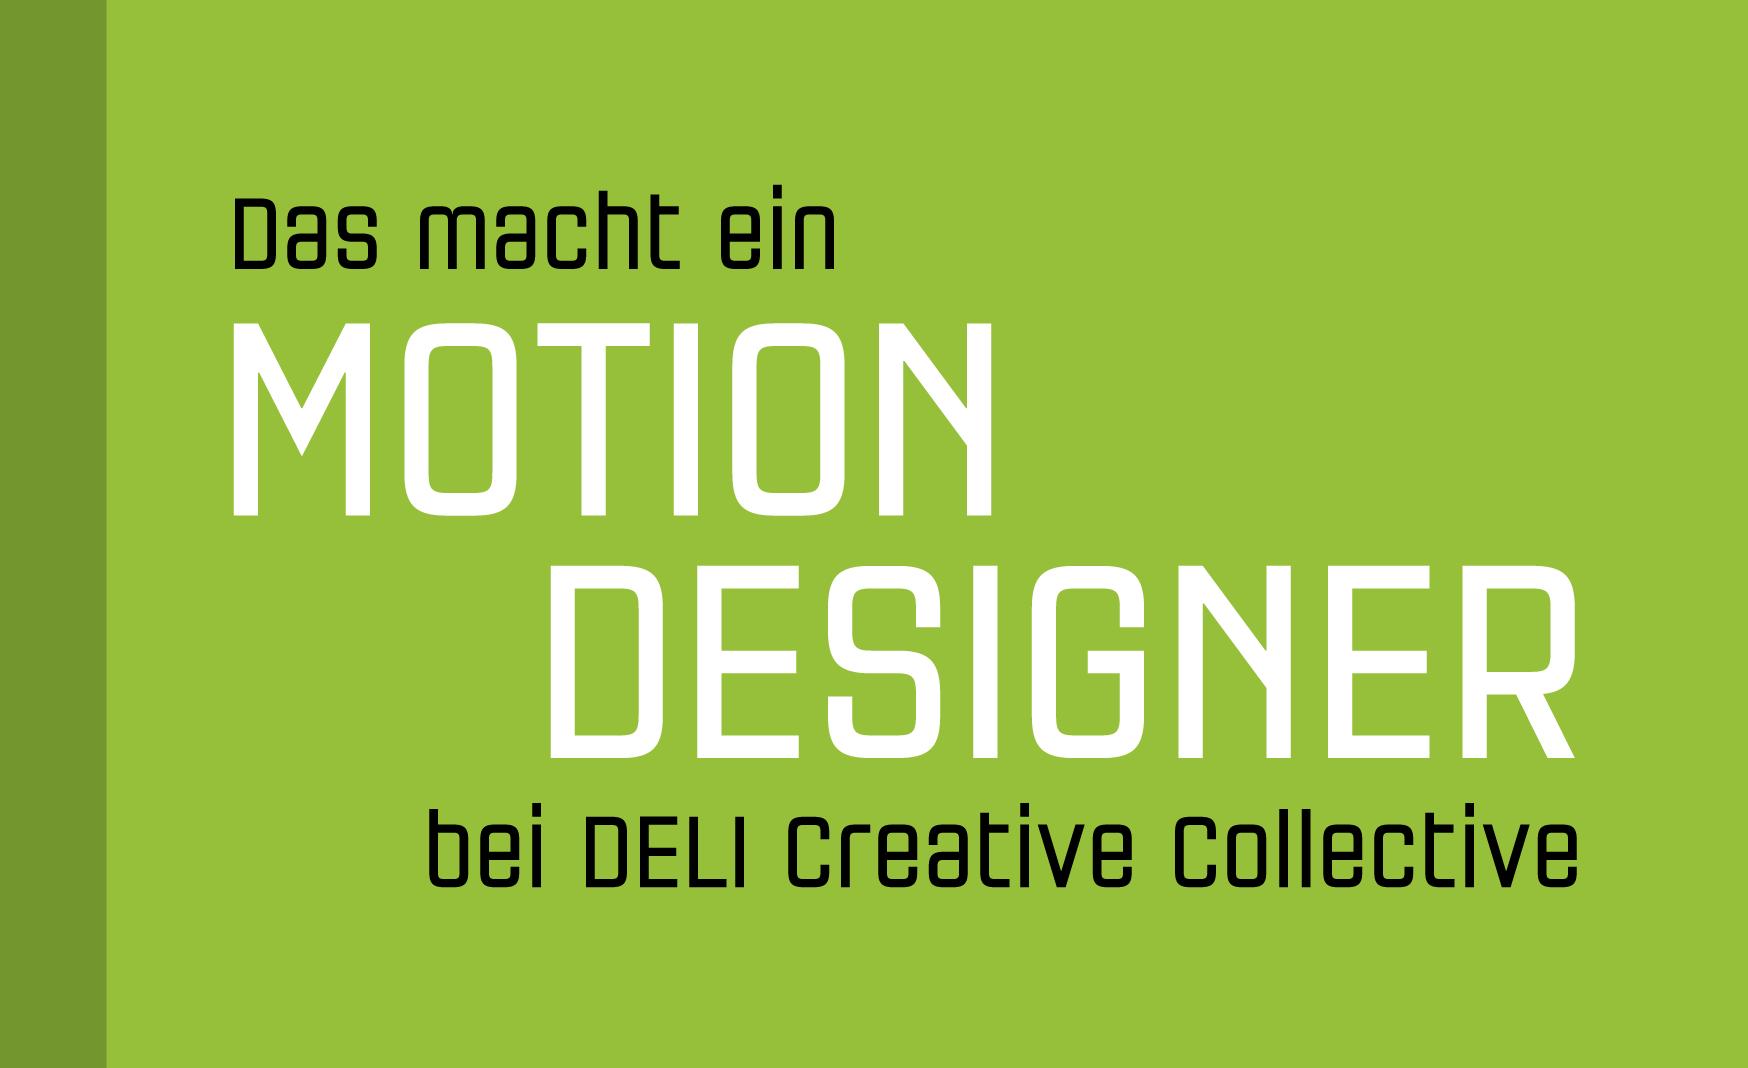 Motion Design, Deli Creative Collective